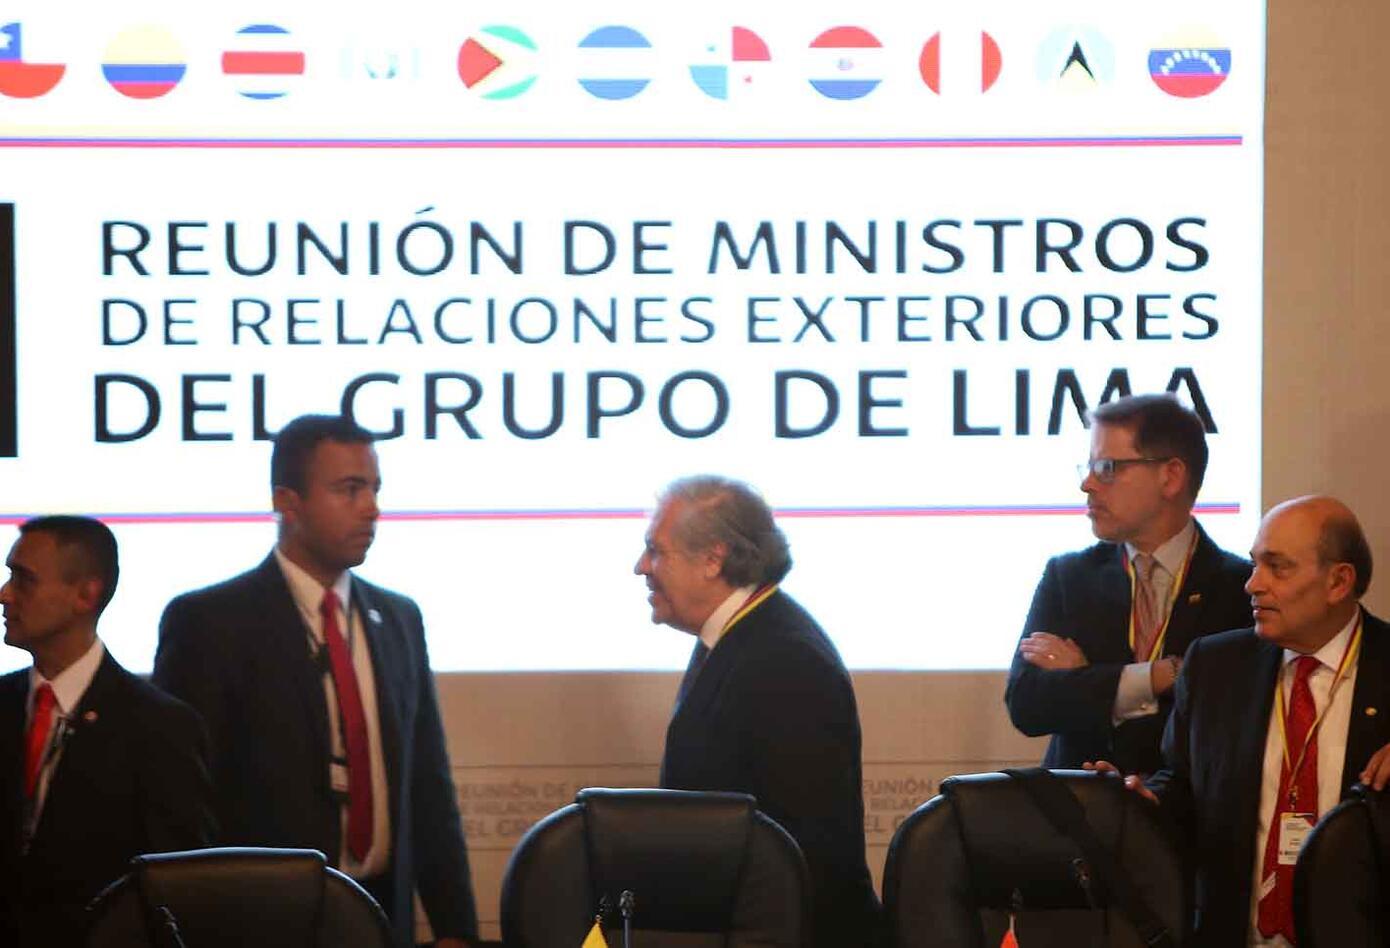 Así se vio el encuentro del Grupo de Lima en Bogotá.